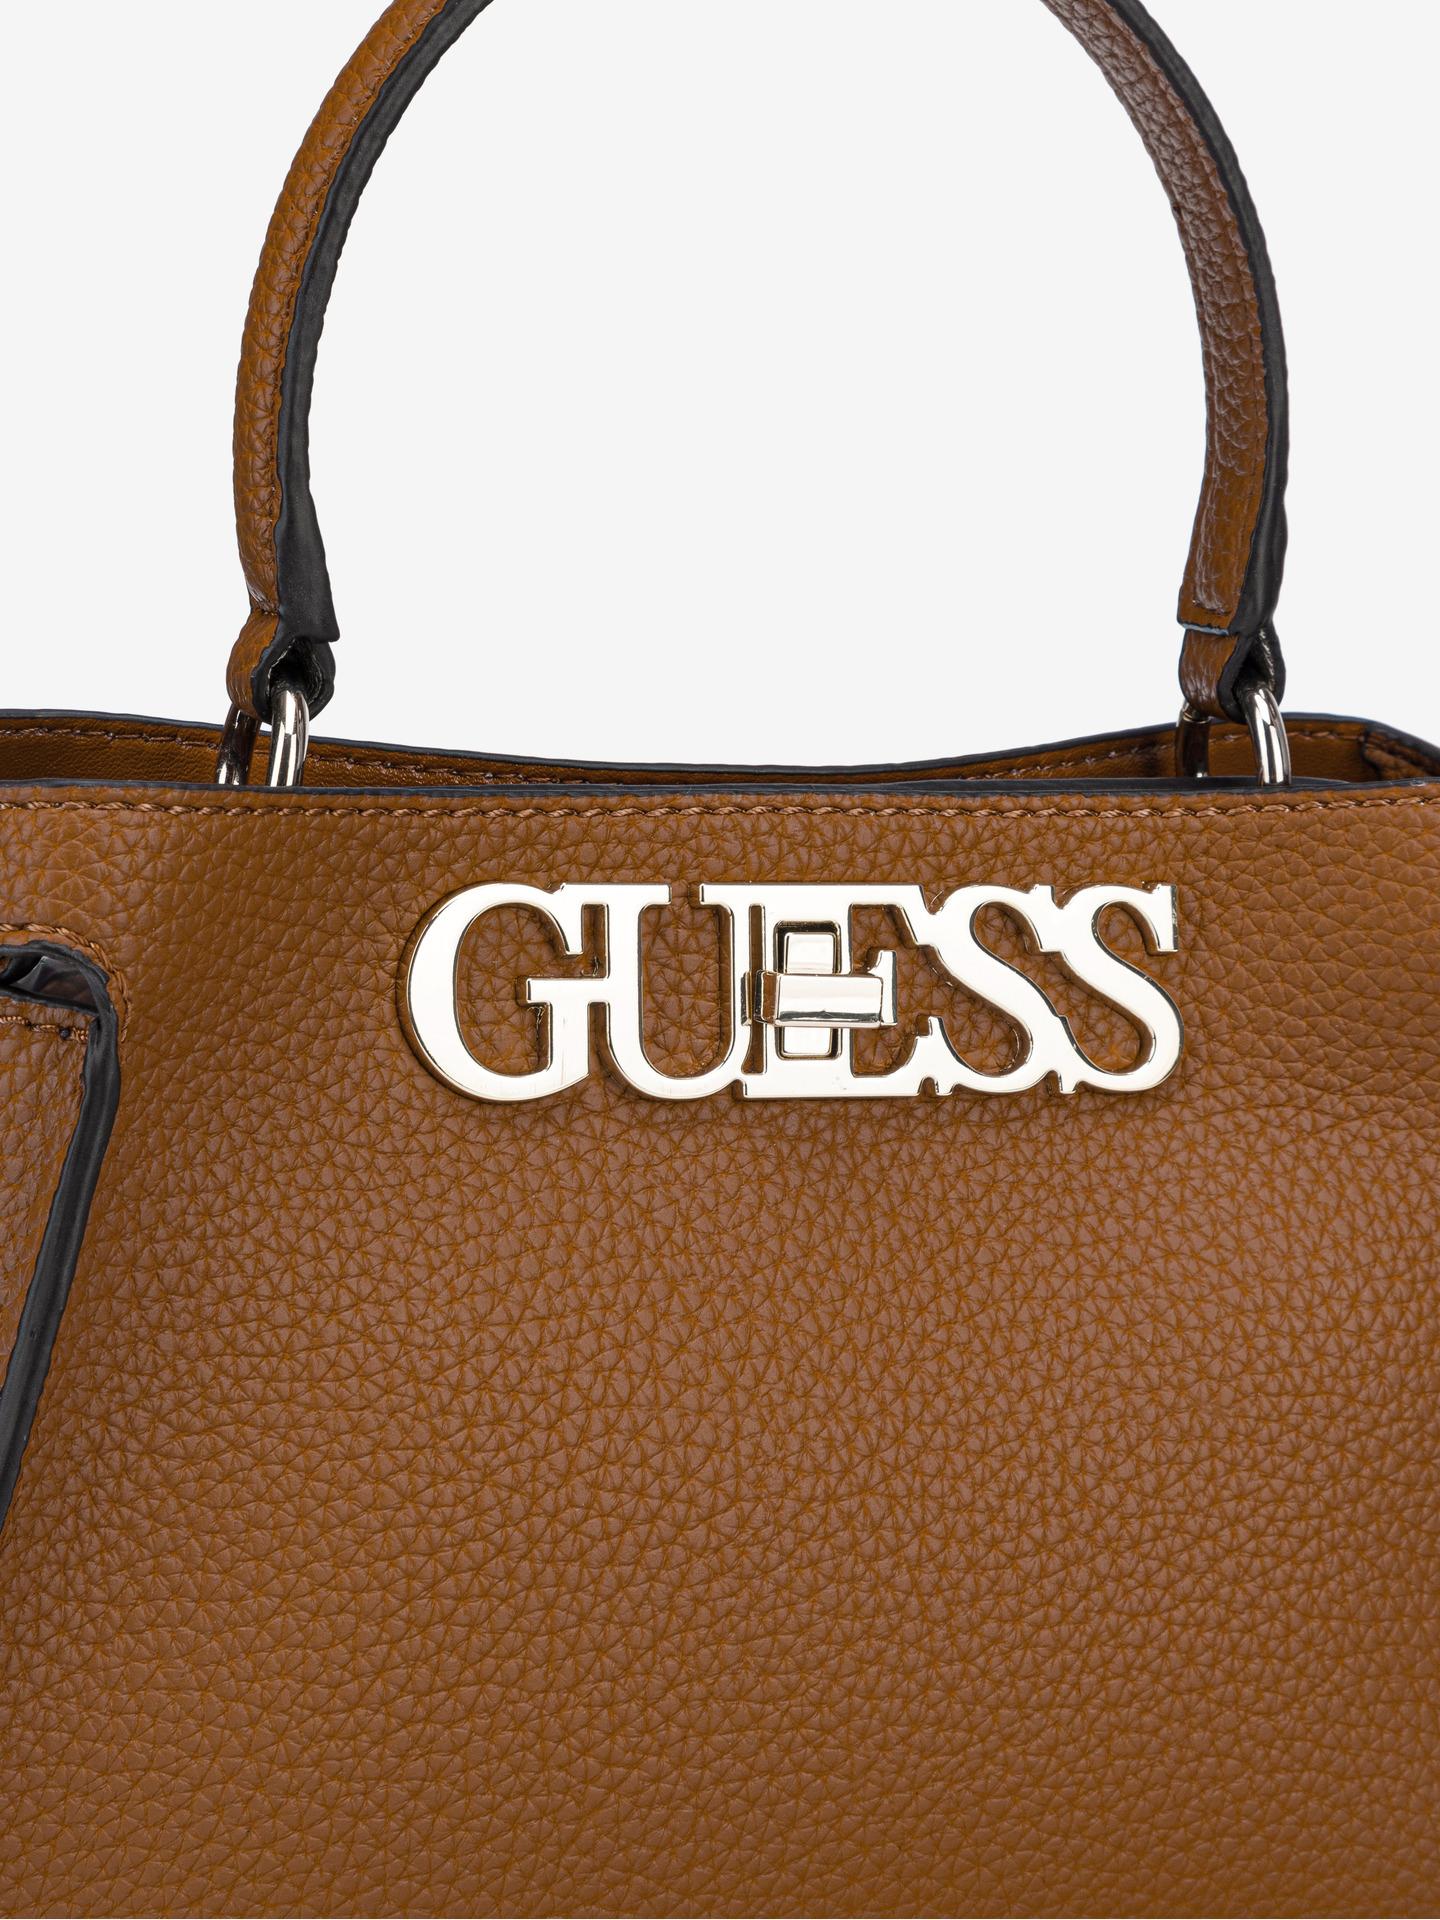 Guess marrone borsetta Uptown Chic Small